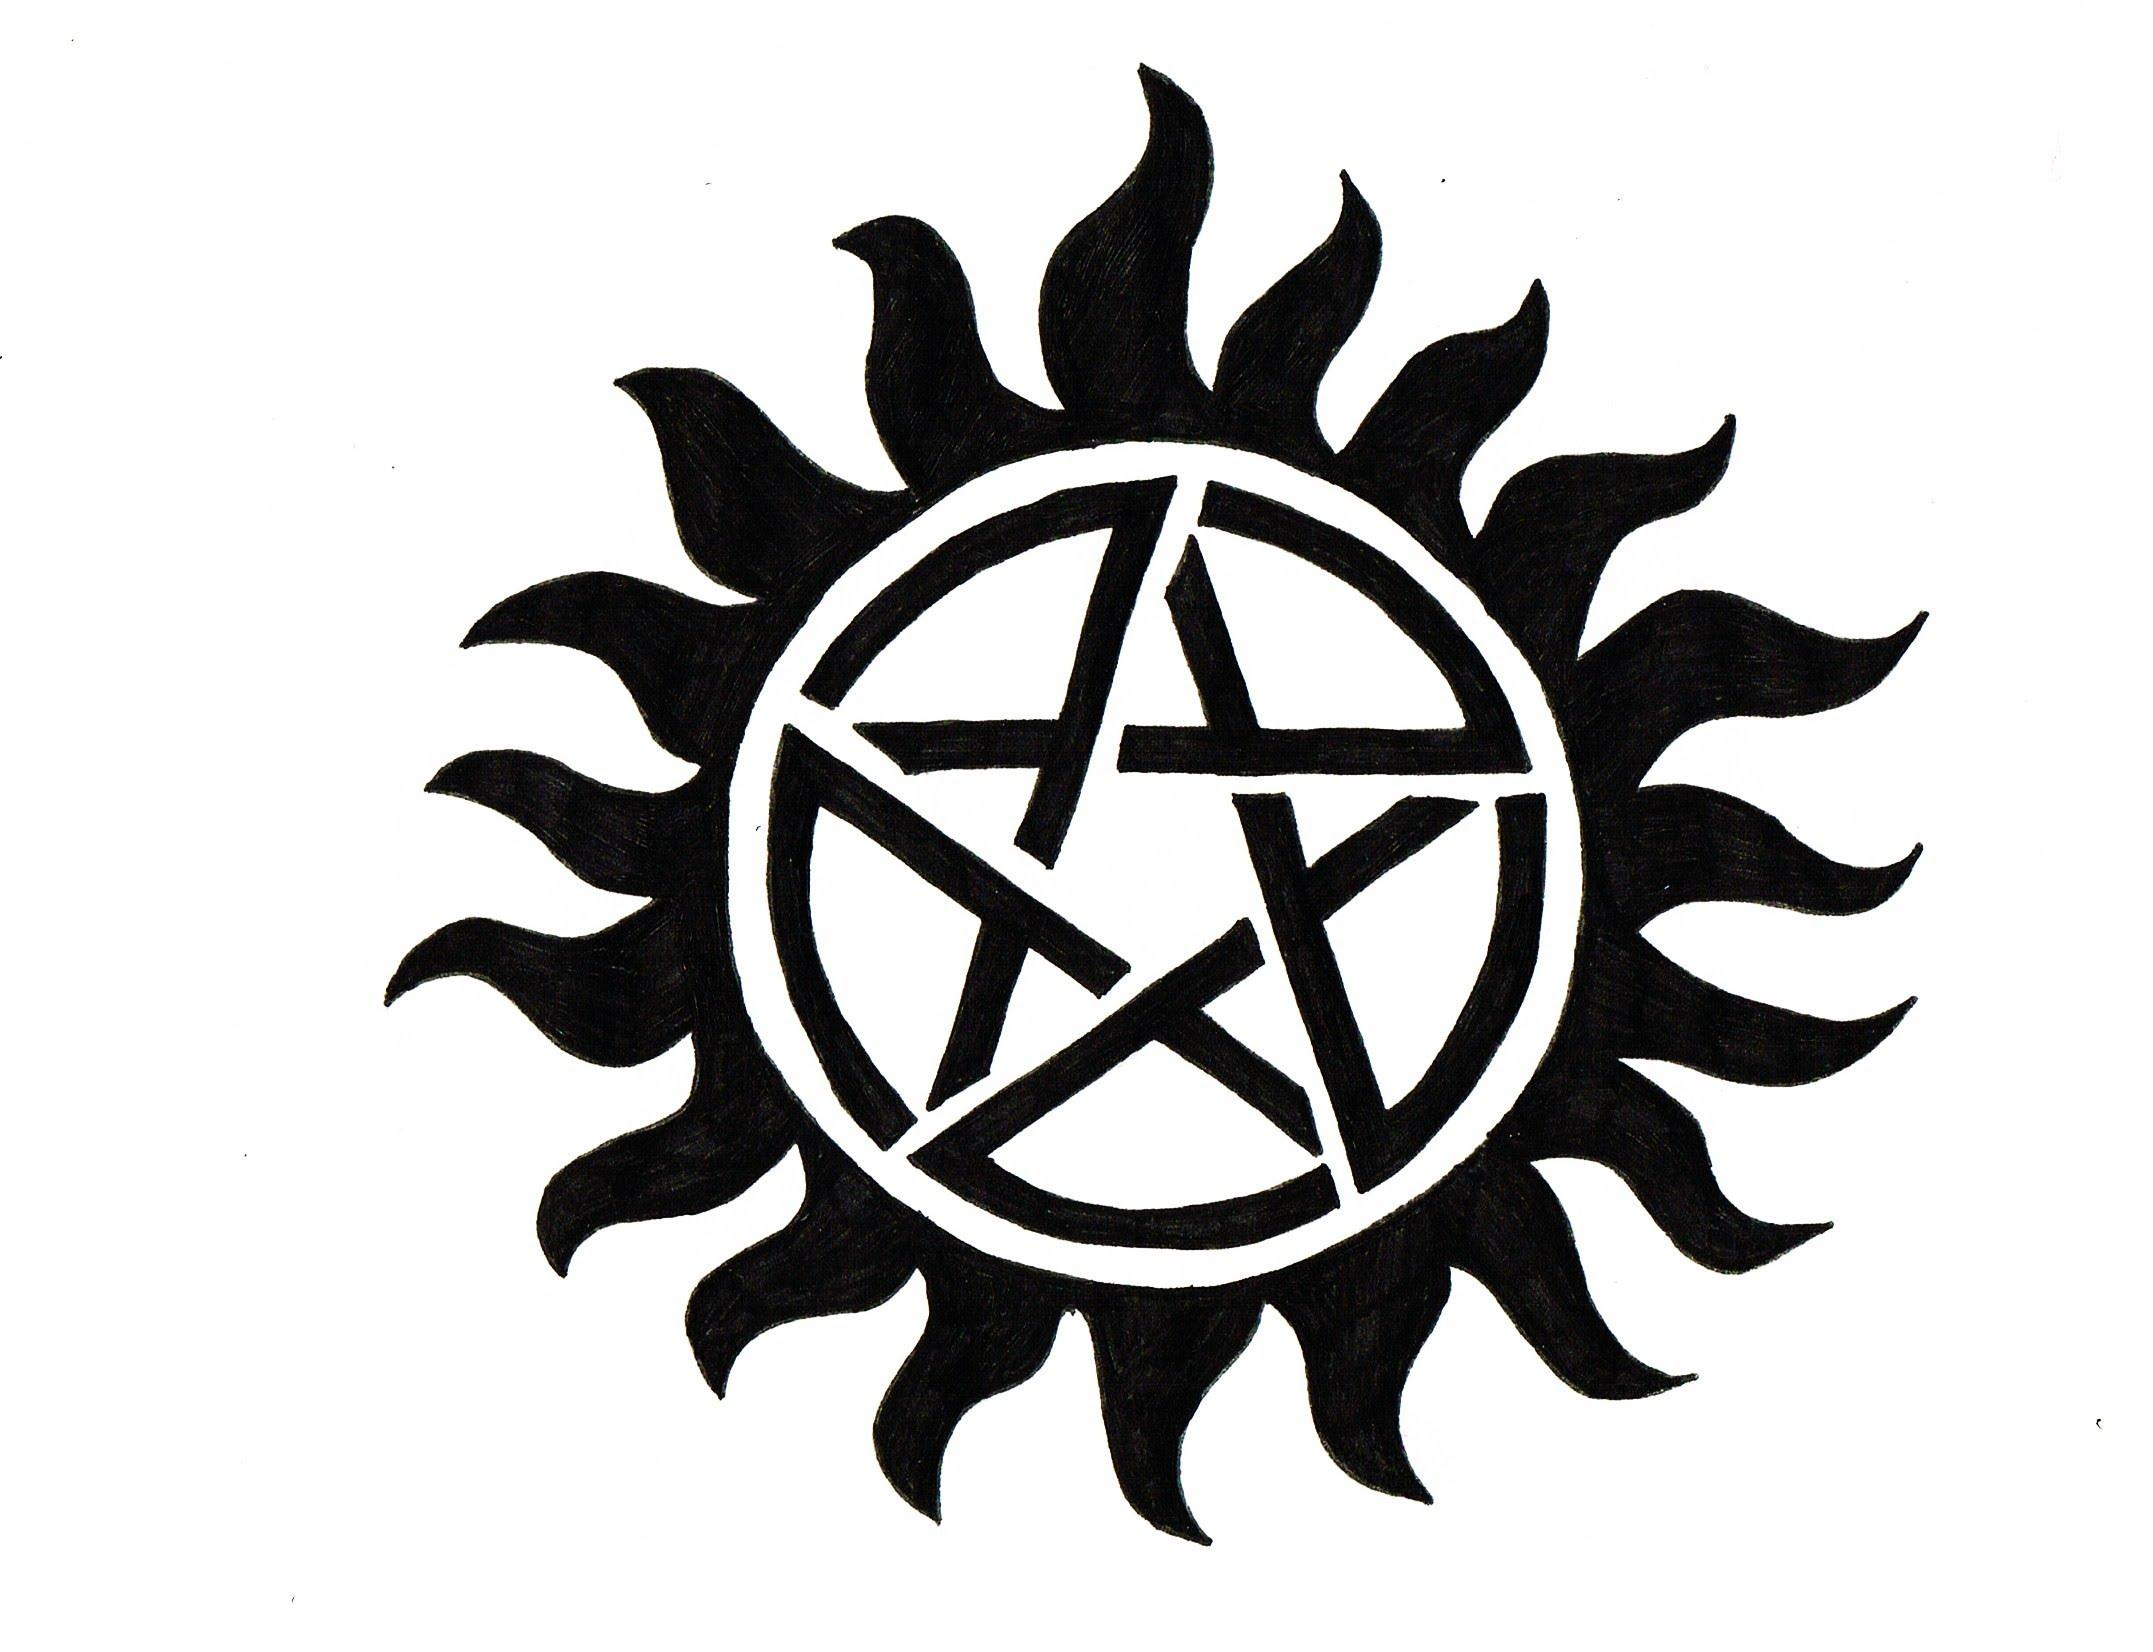 2153x1652 Supernatural Emblem